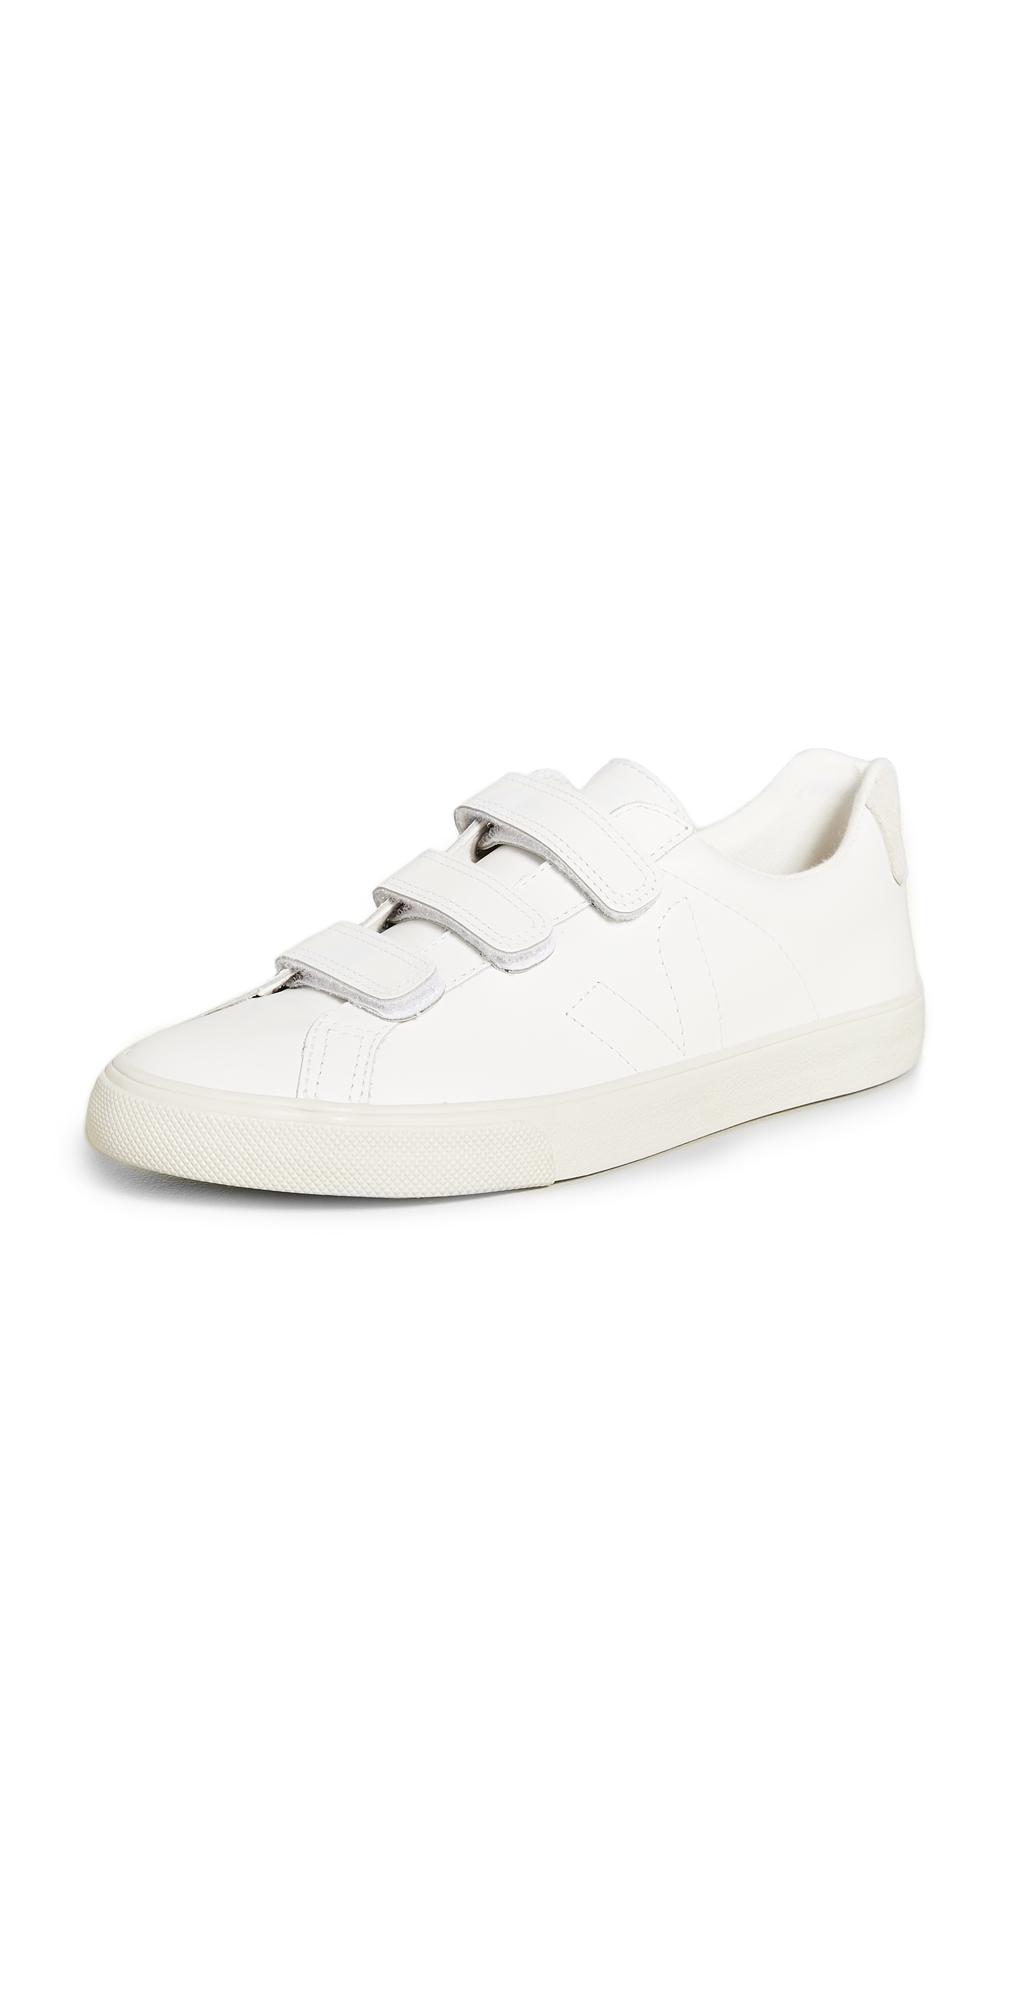 Veja 3-Lock Sneakers